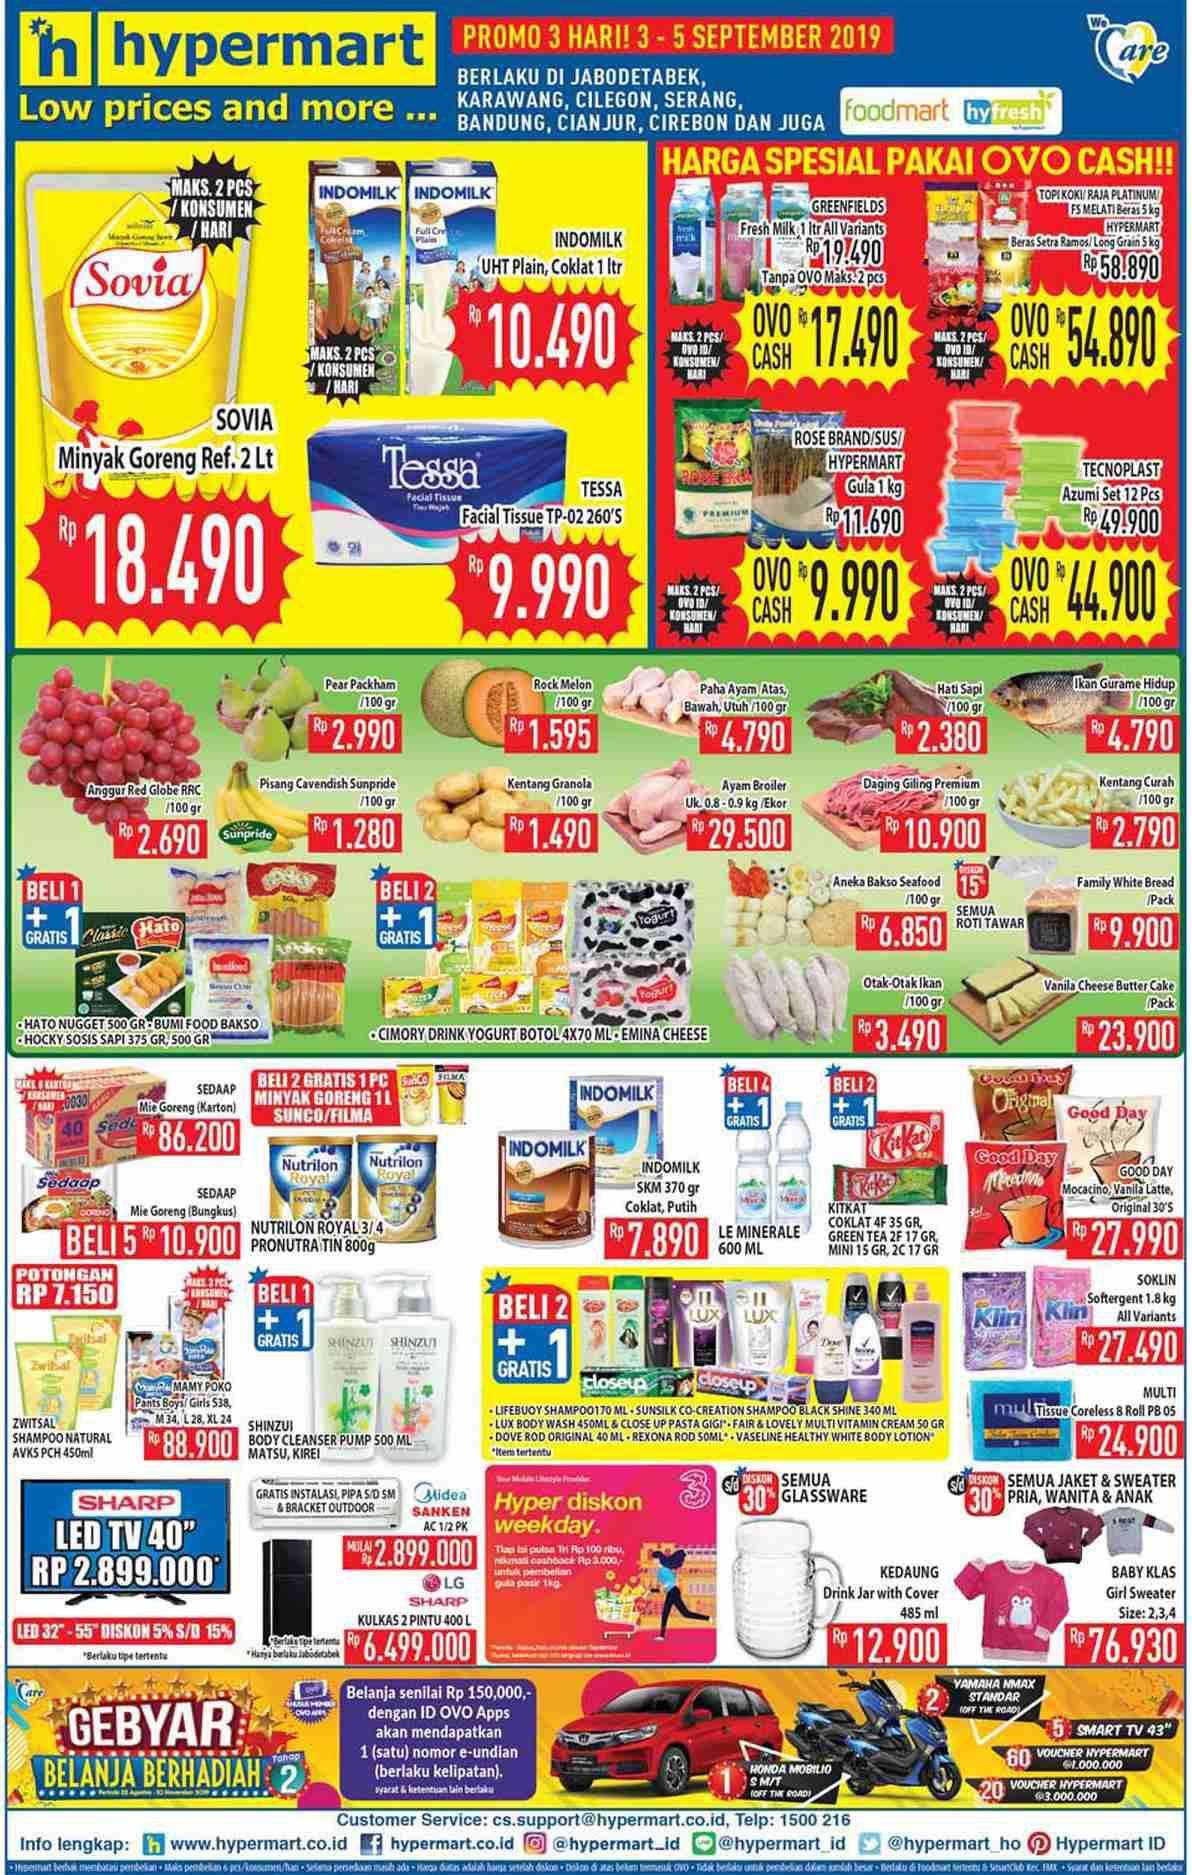 Katalog Promosi Belanja Hypermart periode 03-05 September 2019